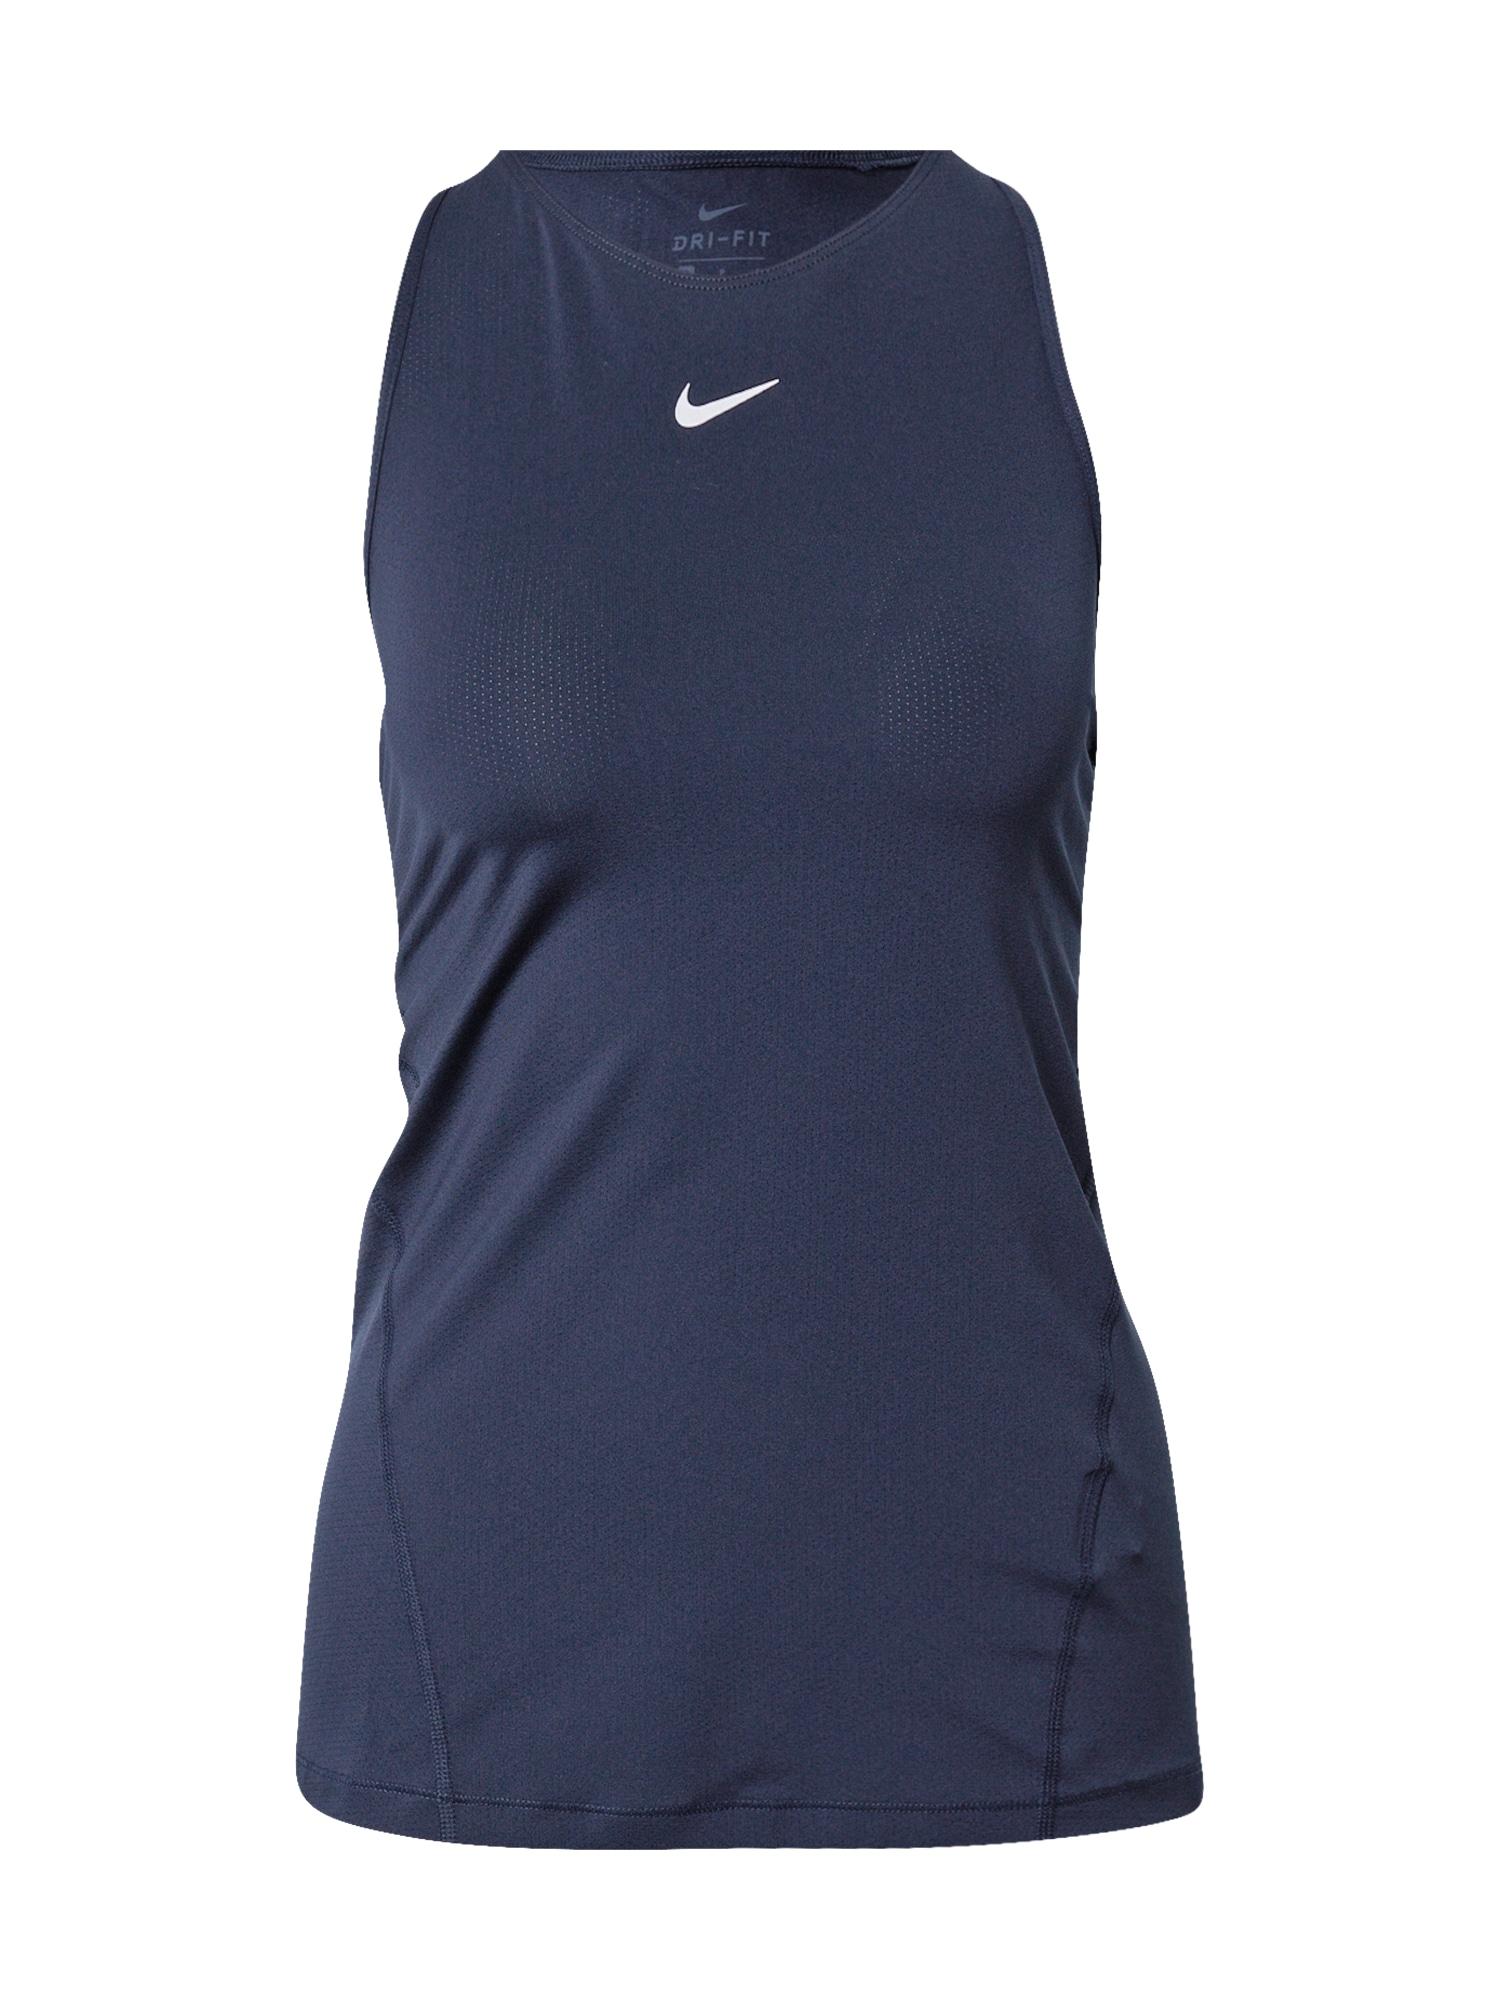 NIKE Sportiniai marškinėliai be rankovių tamsiai mėlyna / šviesiai pilka